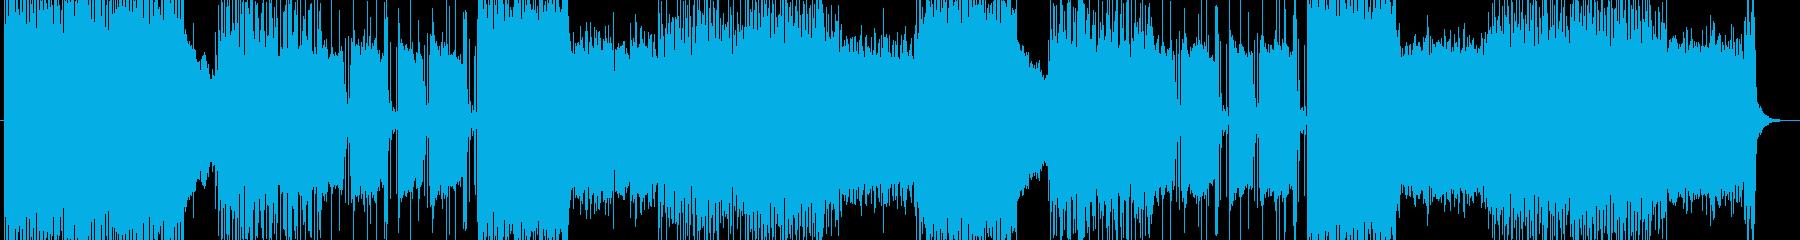 「HR/HM」「DEATH」BGM200の再生済みの波形